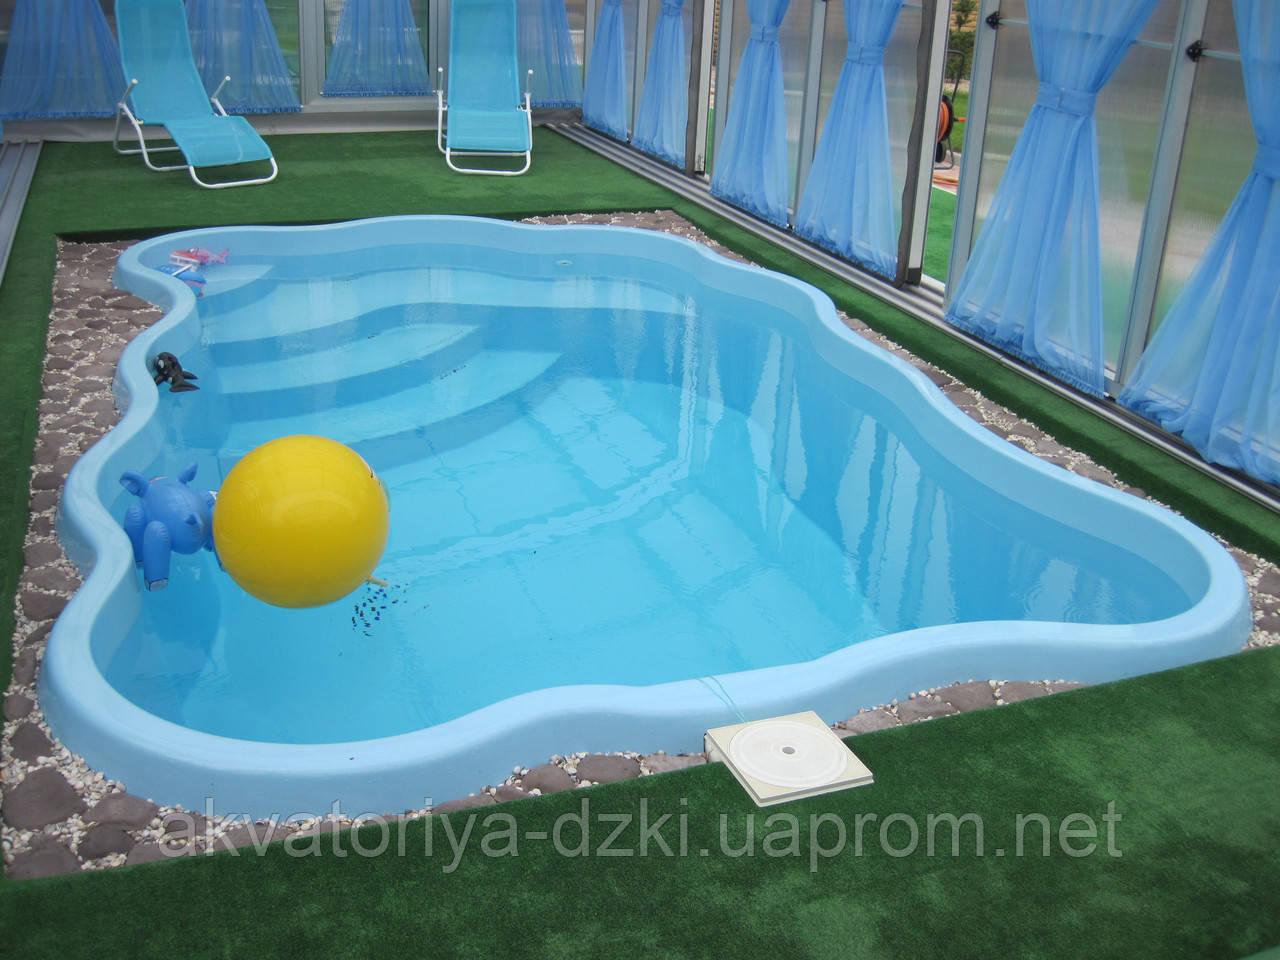 """Стекловолоконный бассейн А5 Light """"Пять на три"""" (4,80х3,05м)"""